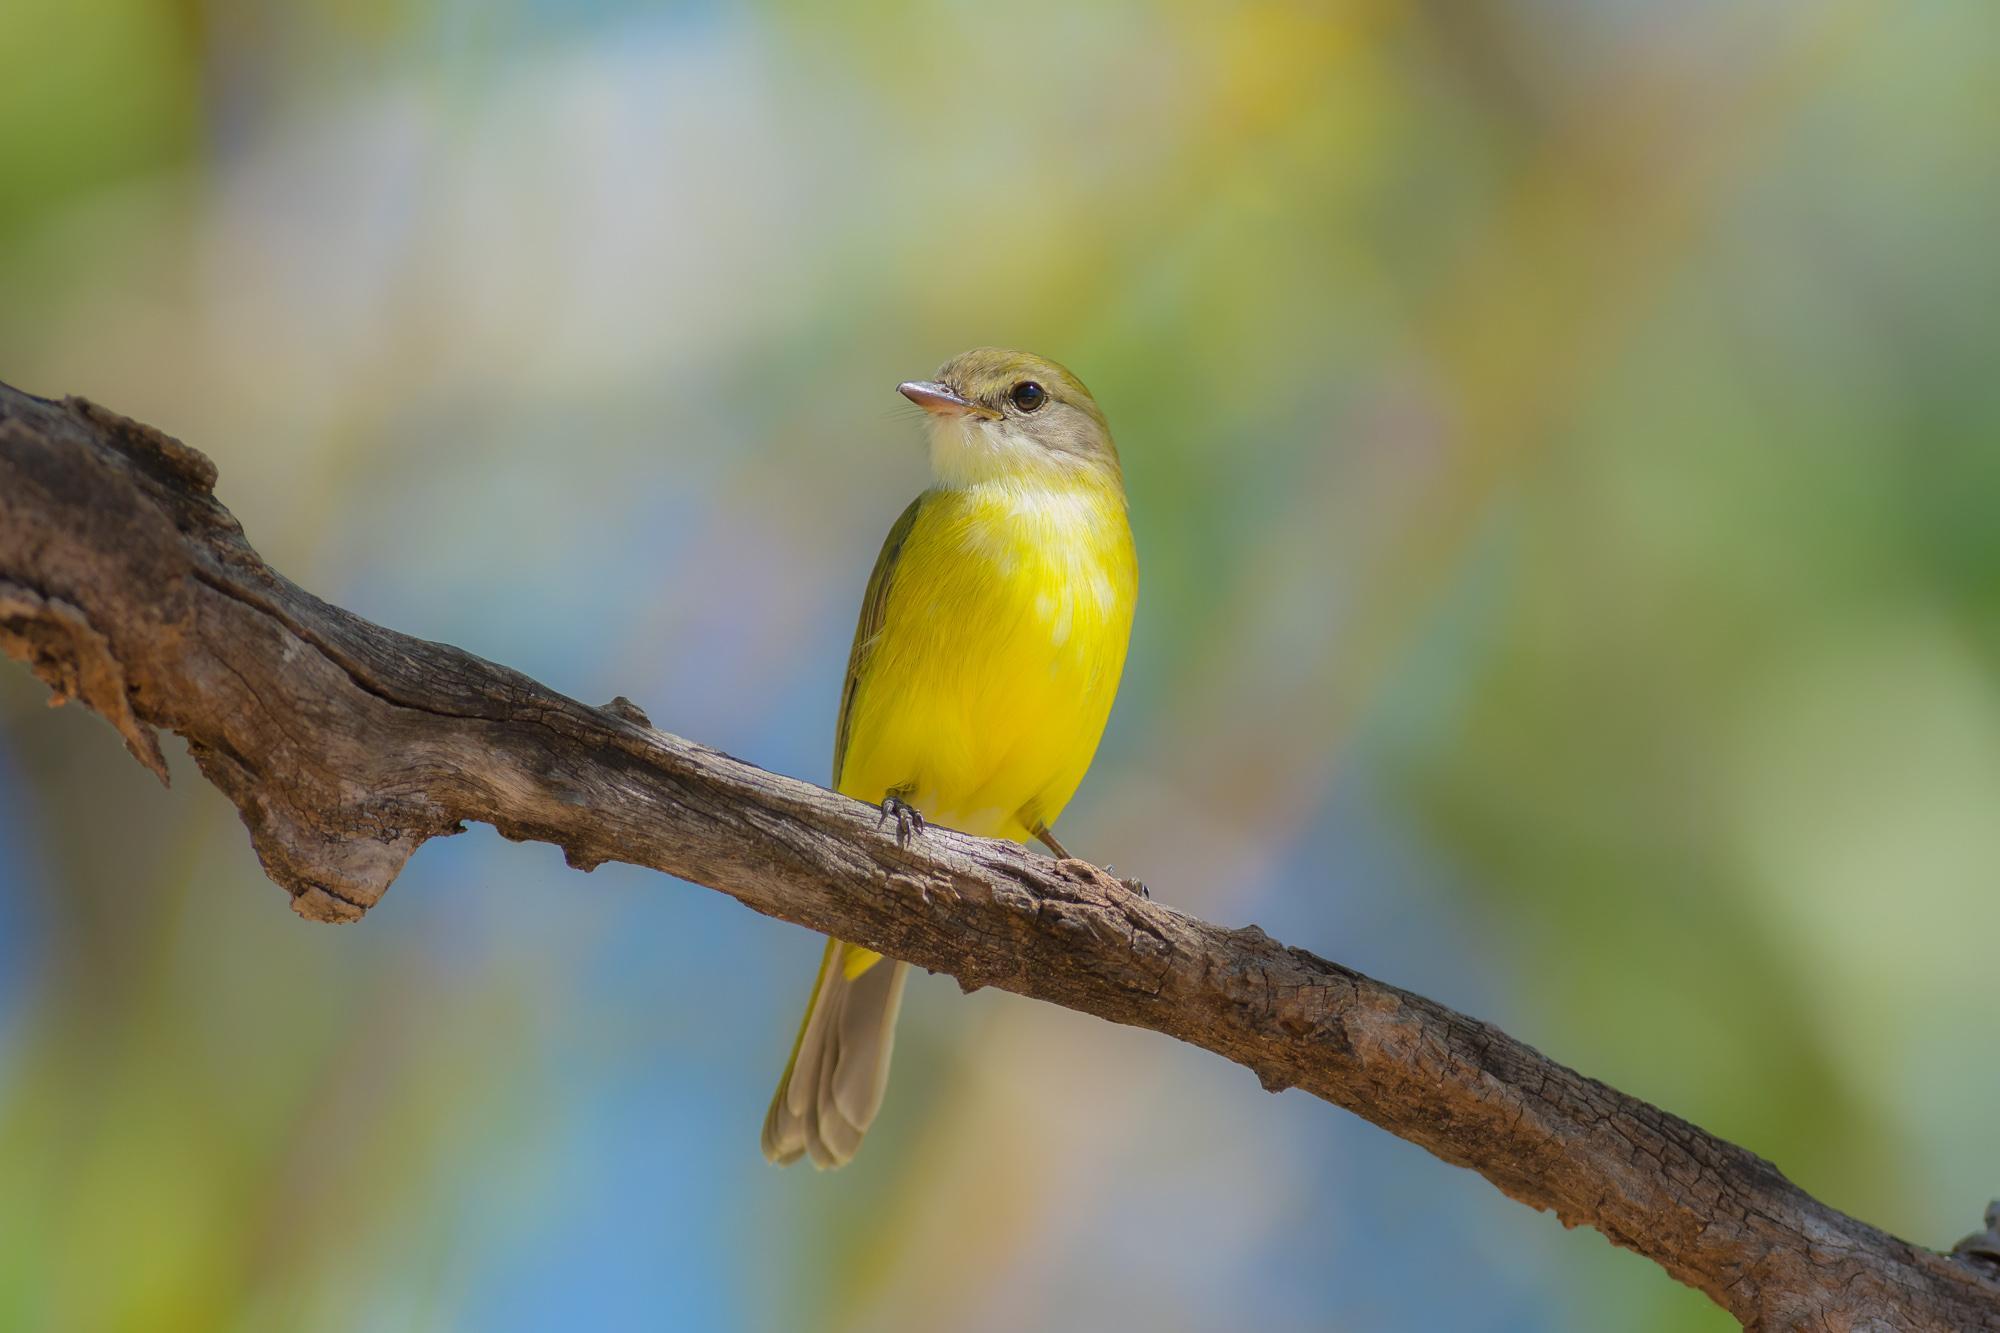 ヒナをだっこ? ワニを食べる? カカドゥ国立公園の不思議な野鳥たち